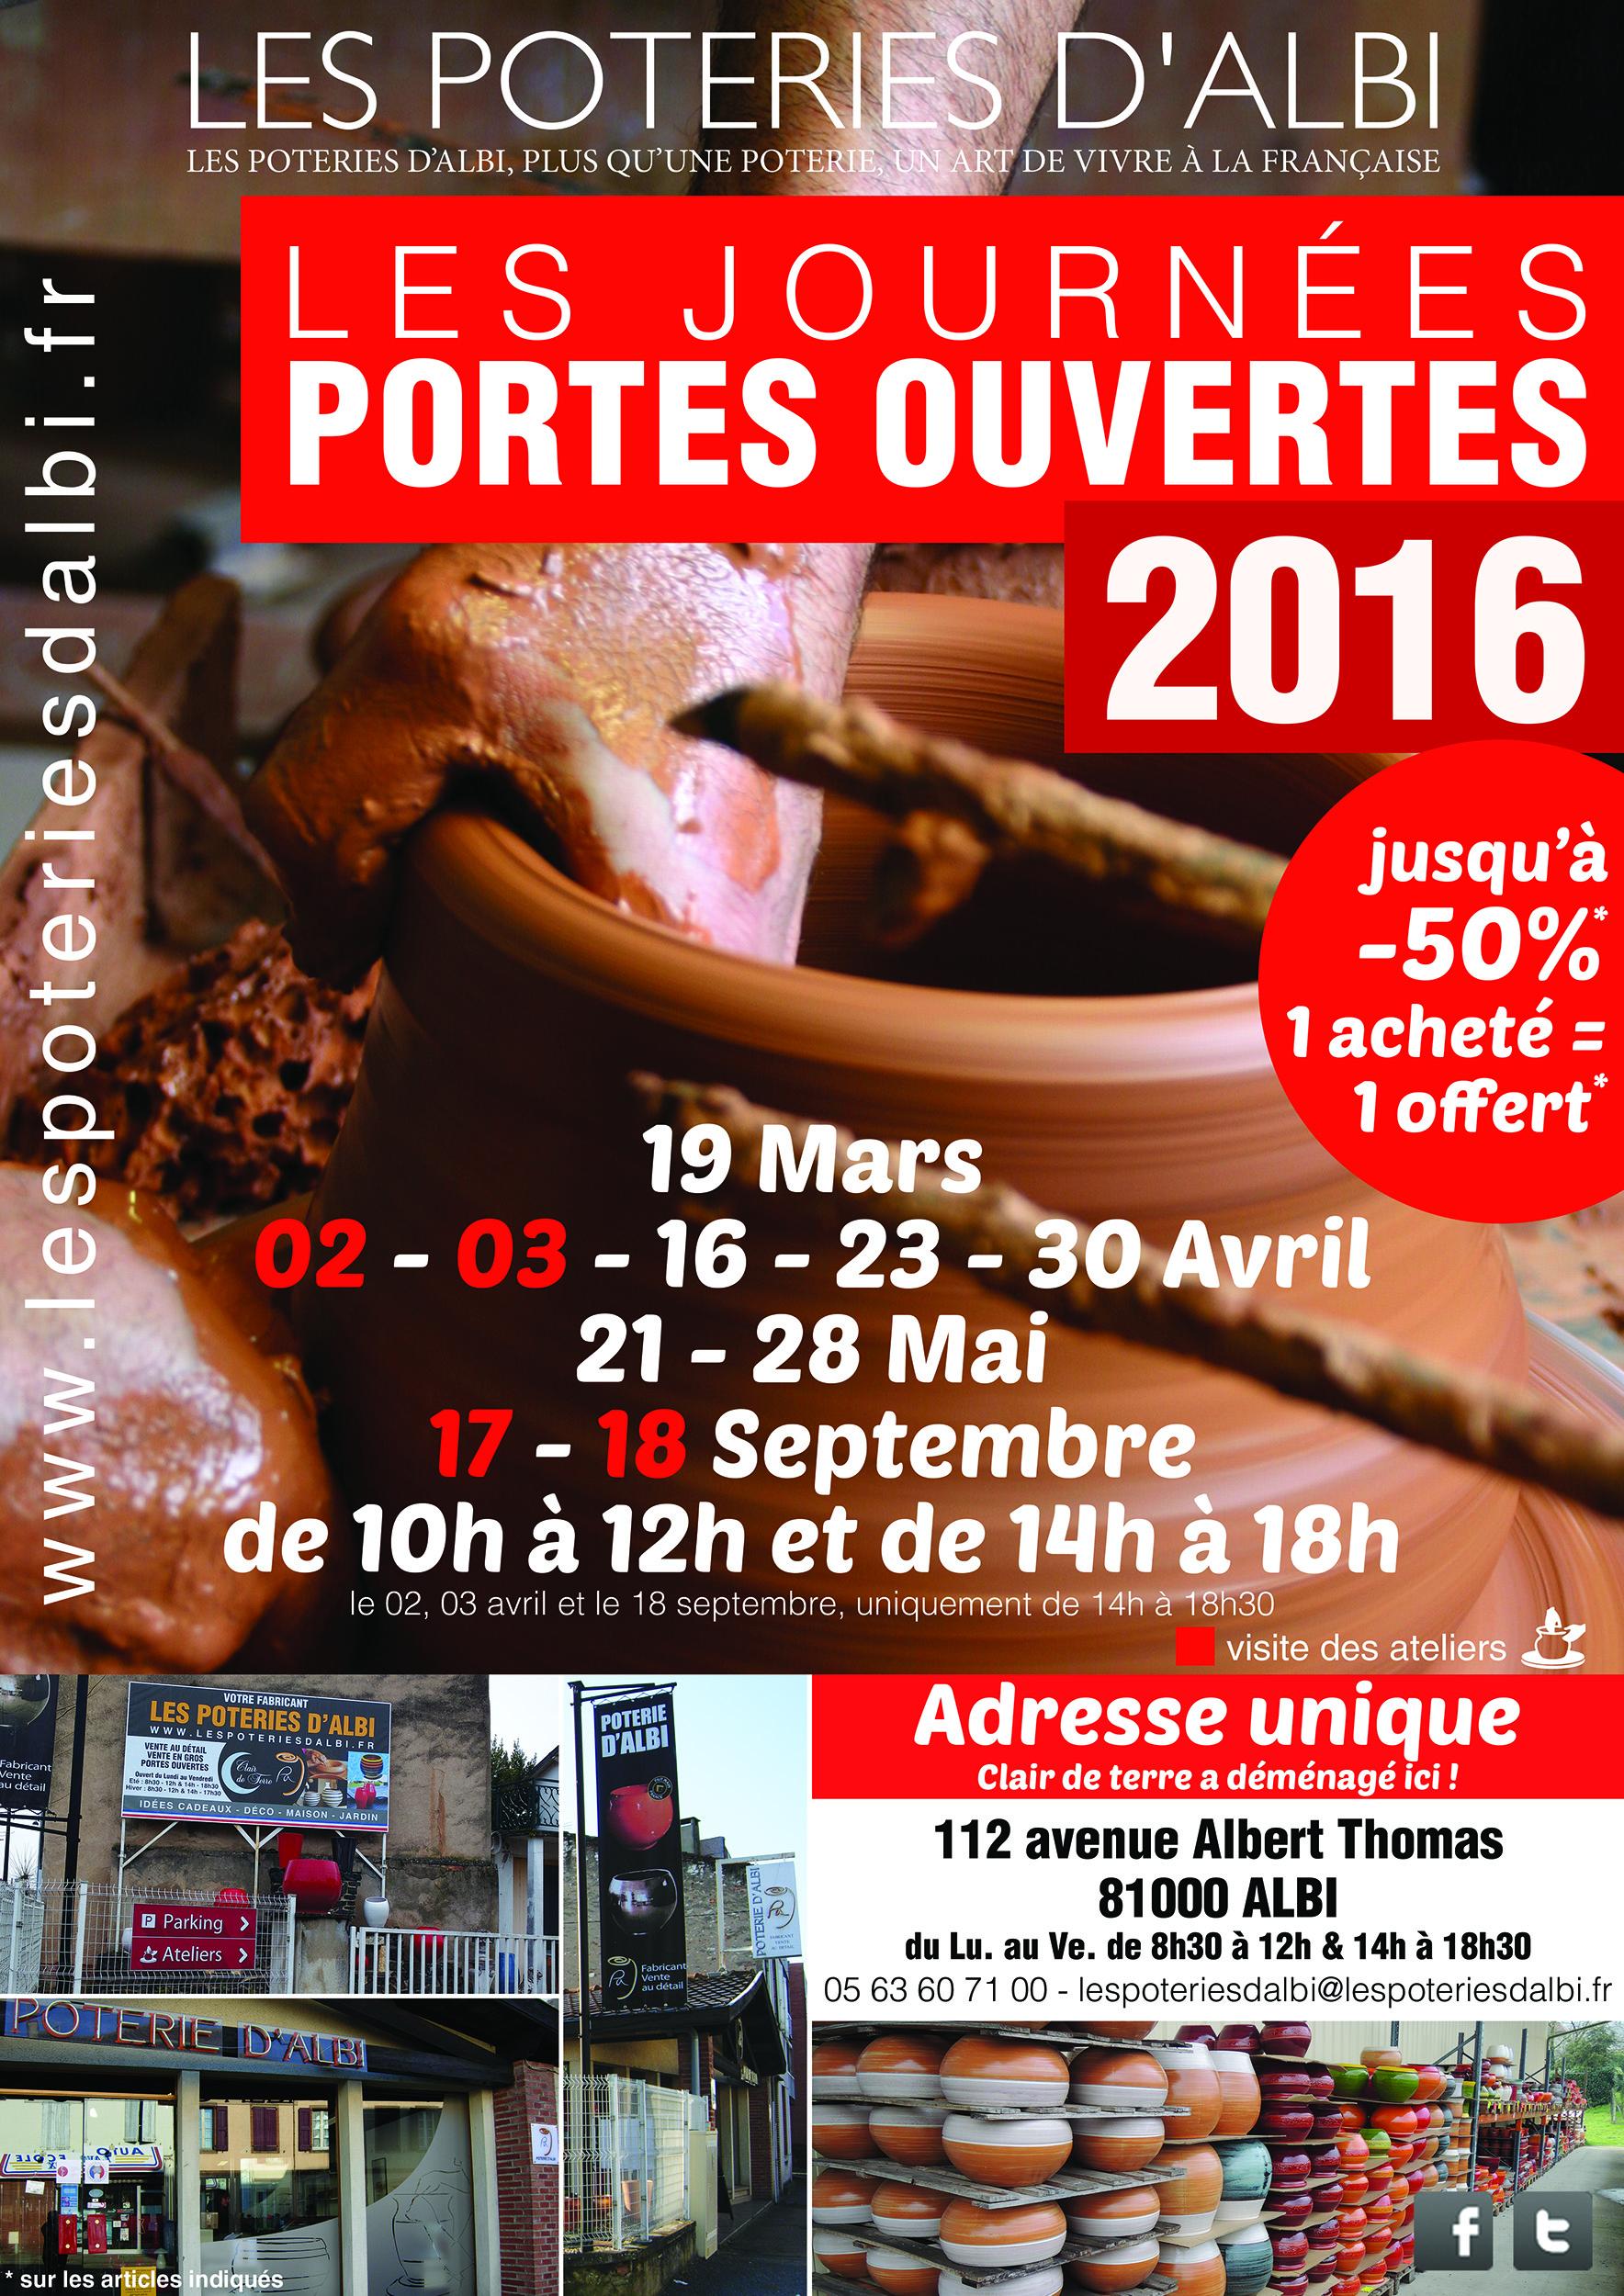 Journées Portes Ouvertes 2016 les poteries d'albi